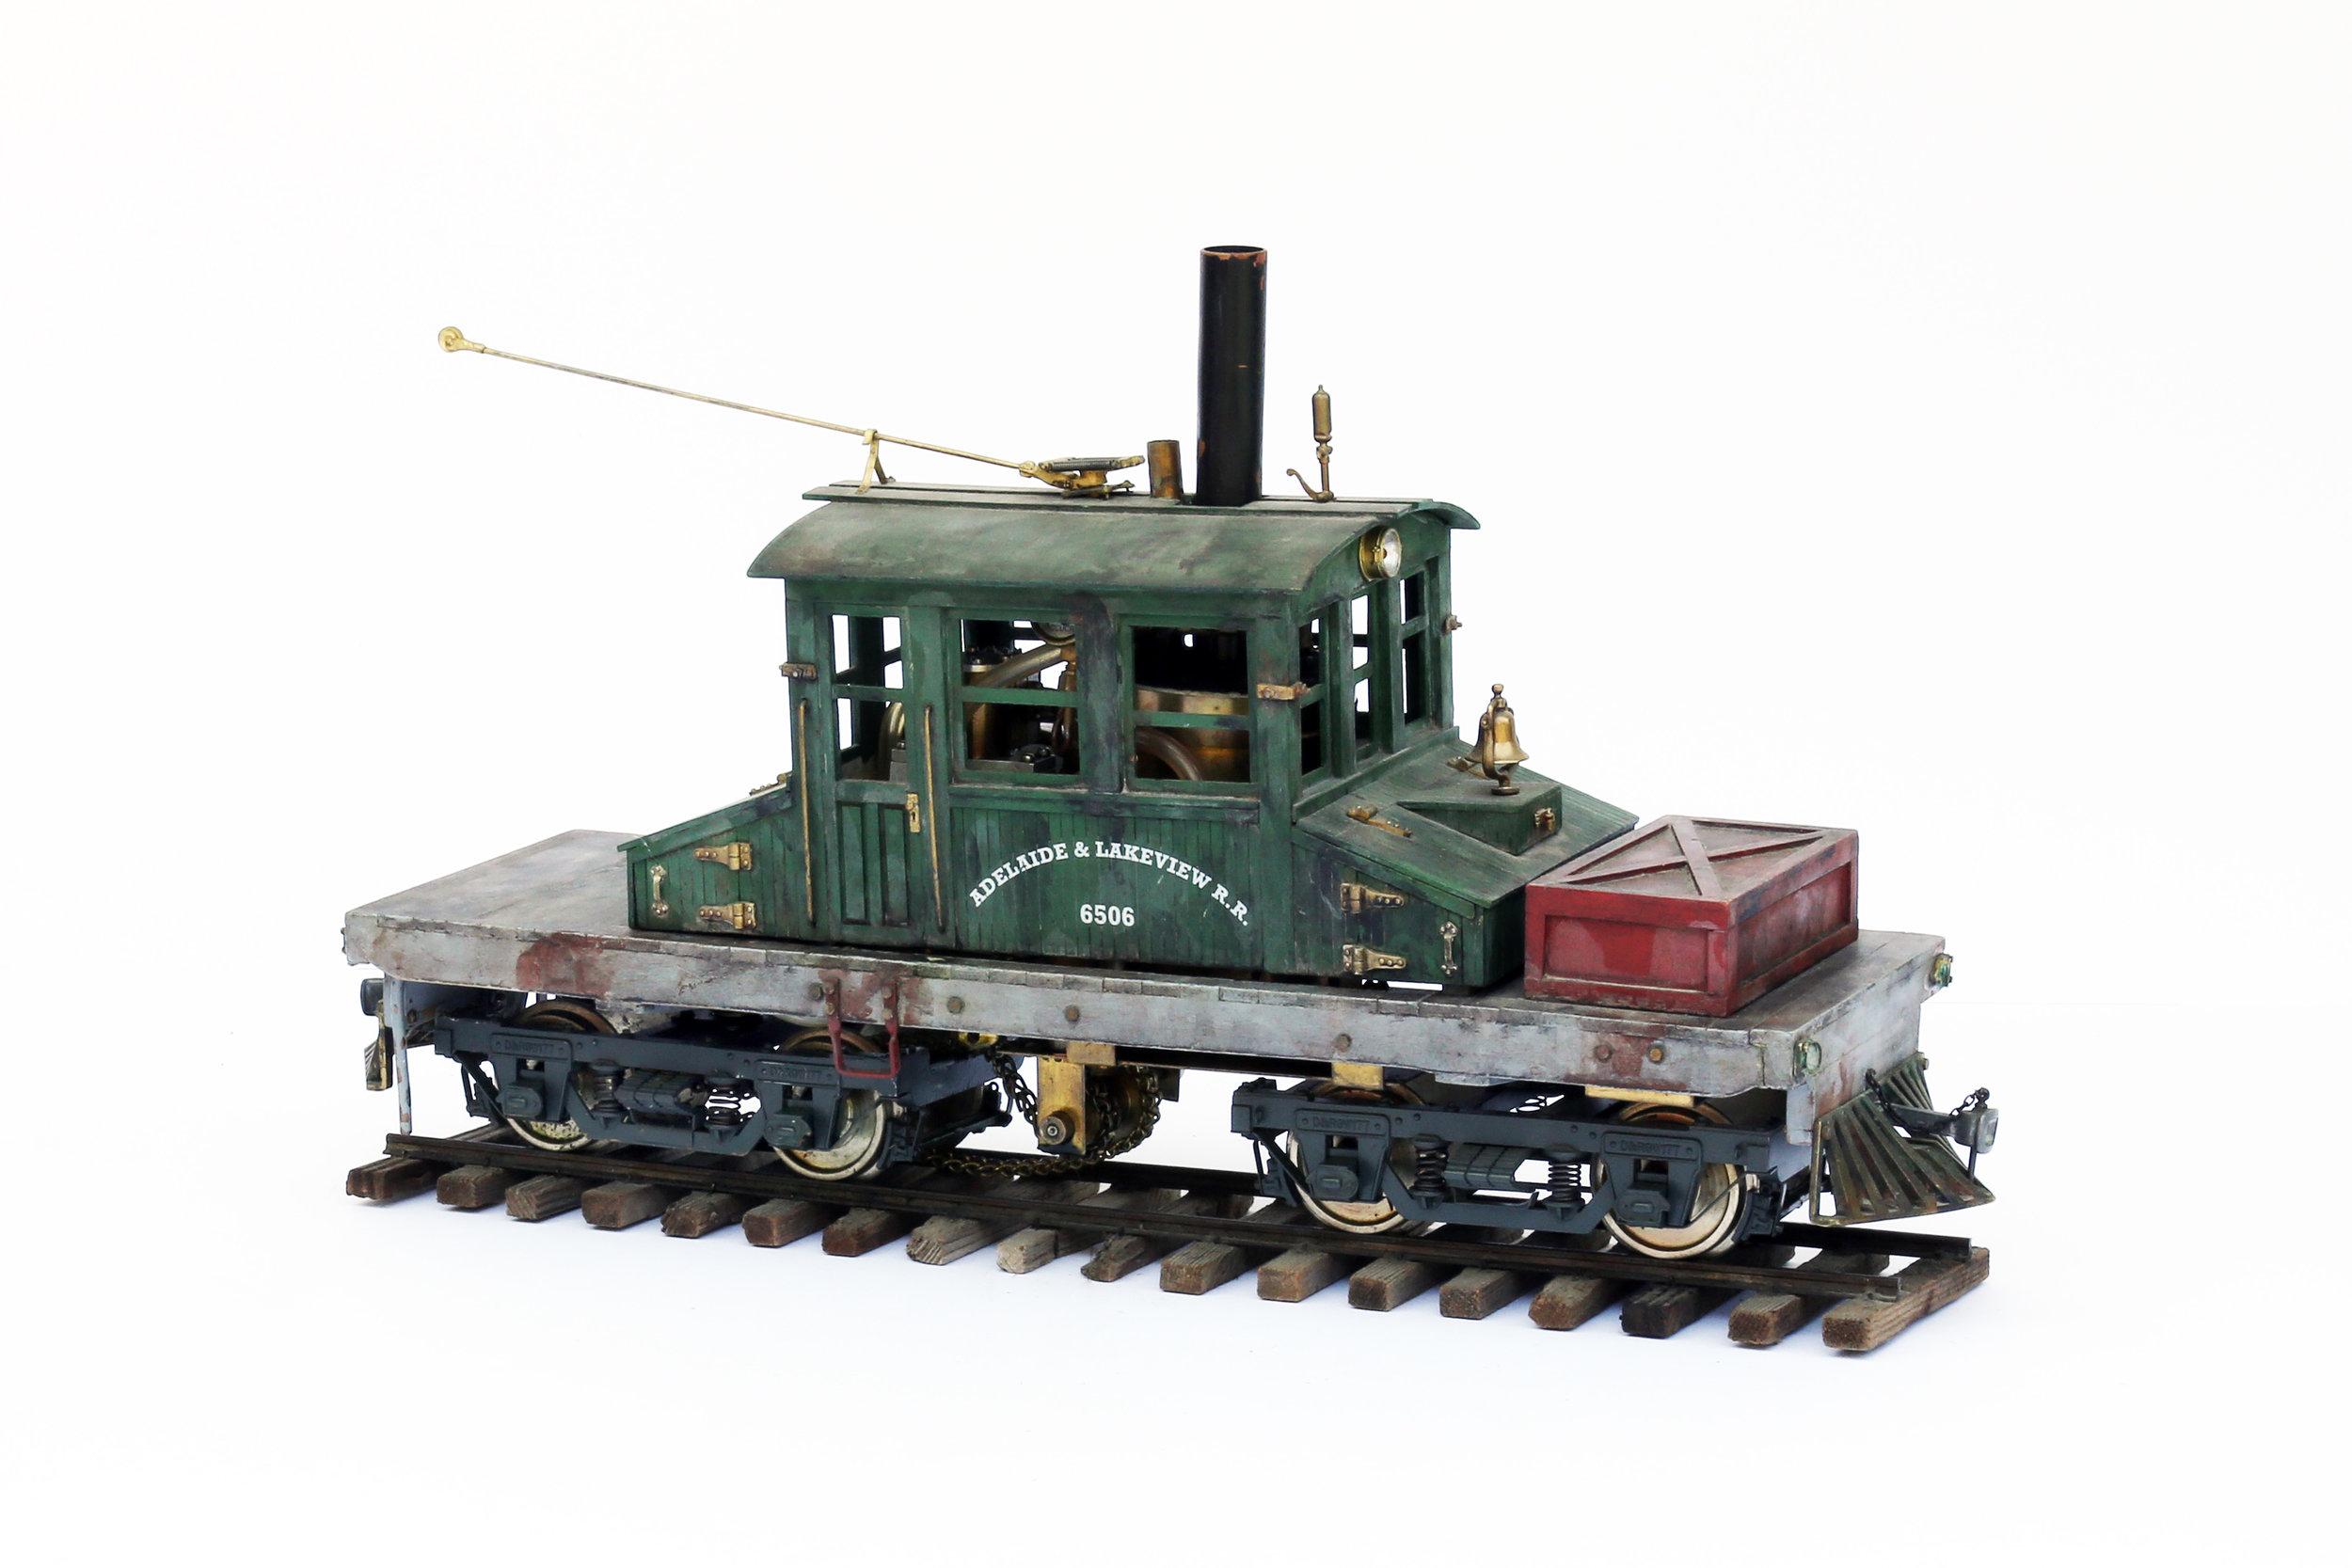 Steeple Cab Locomotive